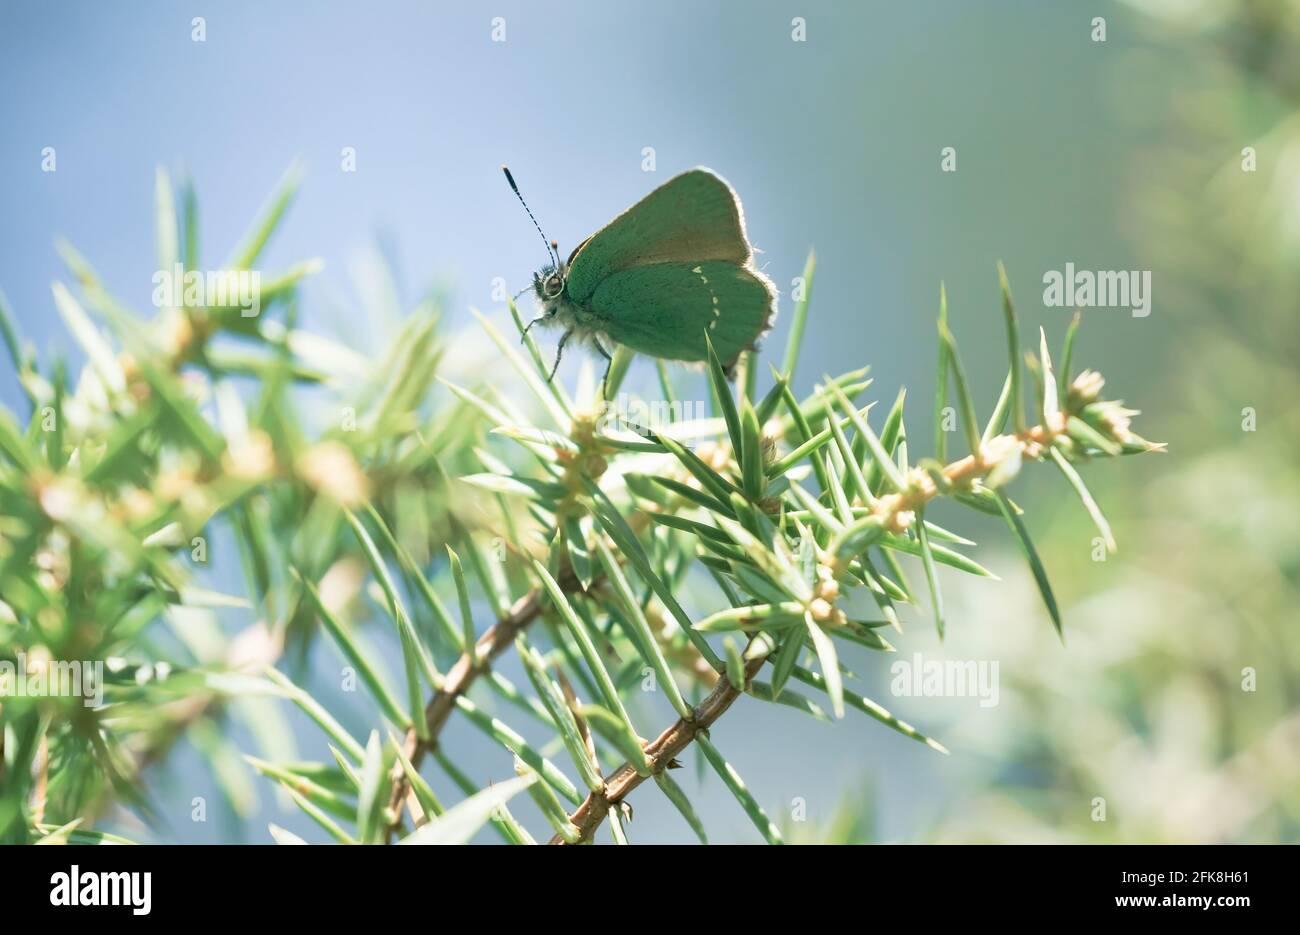 Feliz escena primaveral con cerca de la mariposa verde hairstreak en un bosque siempre verde en un arbusto de enebro, Tirol, Austria Foto de stock